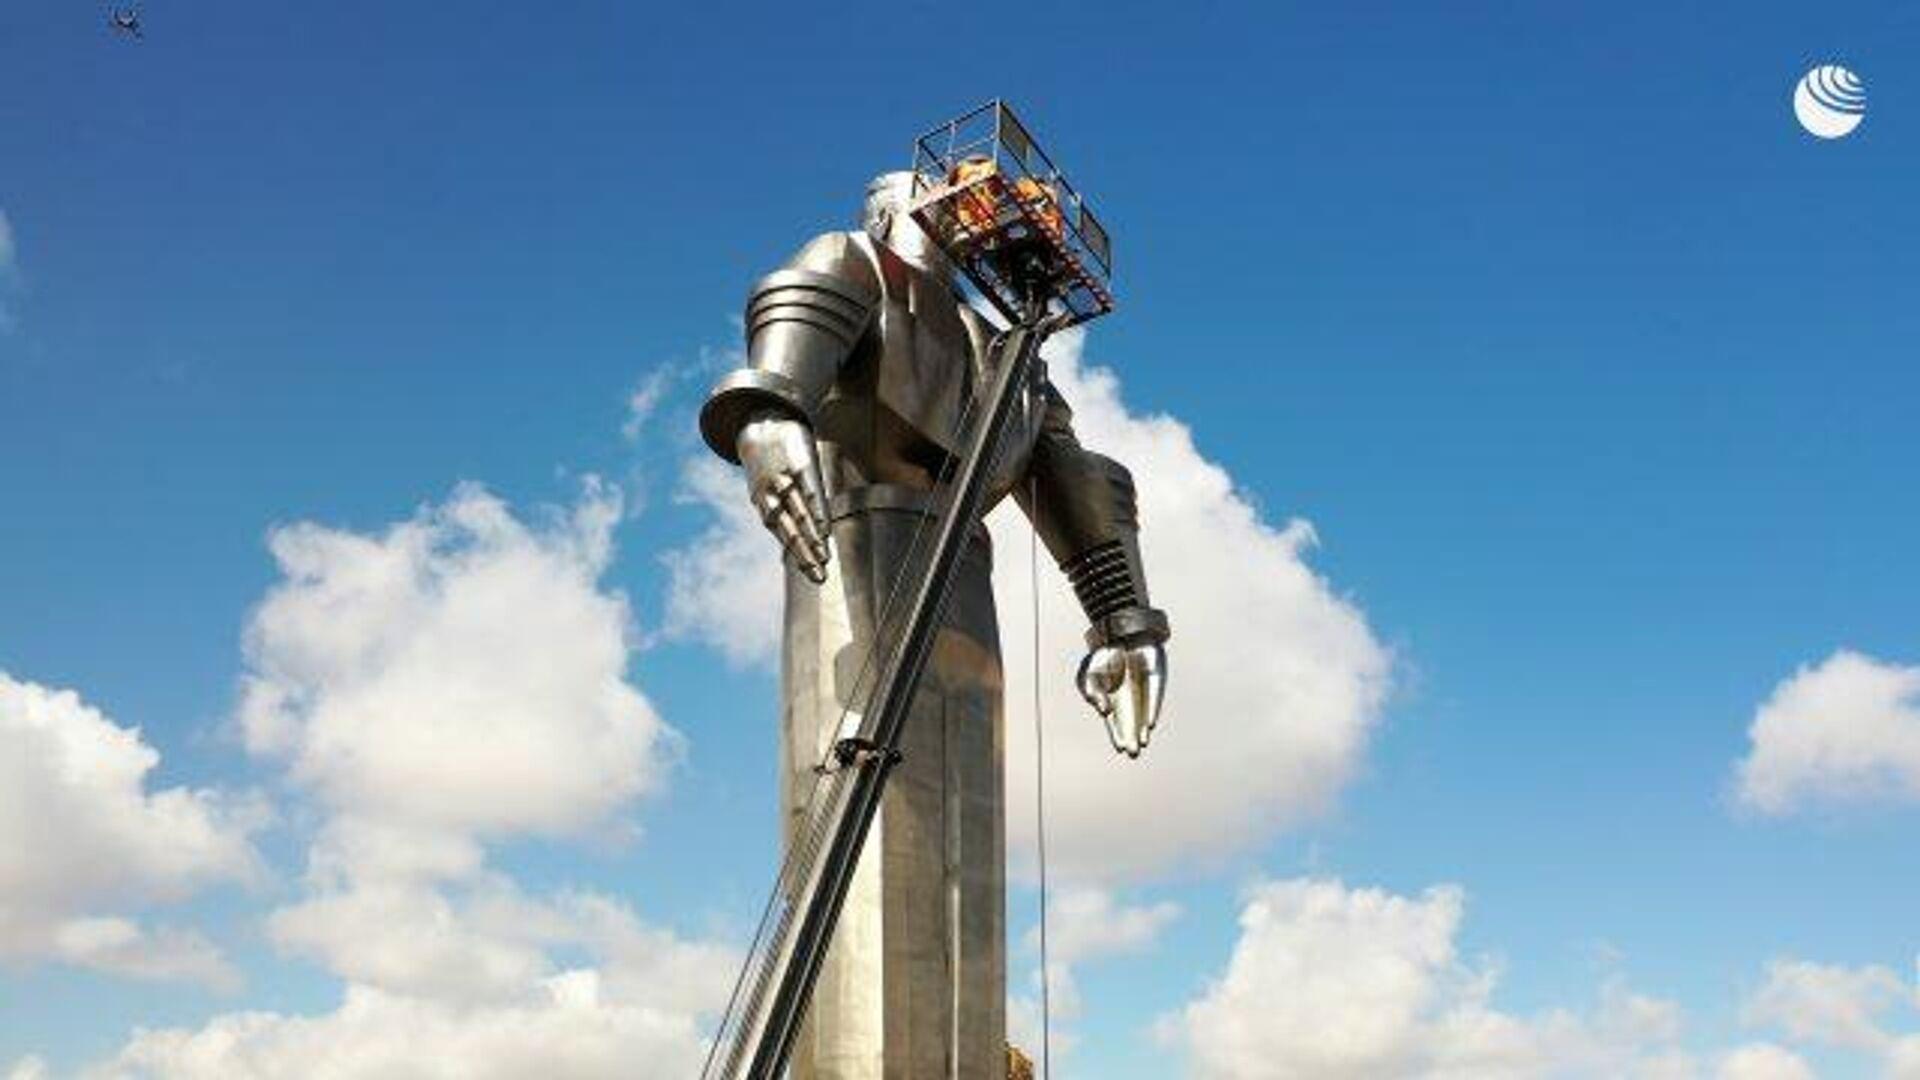 Весенняя промывка: памятник Юрию Гагарину подготовили ко Дню космонавтики - РИА Новости, 1920, 09.04.2021